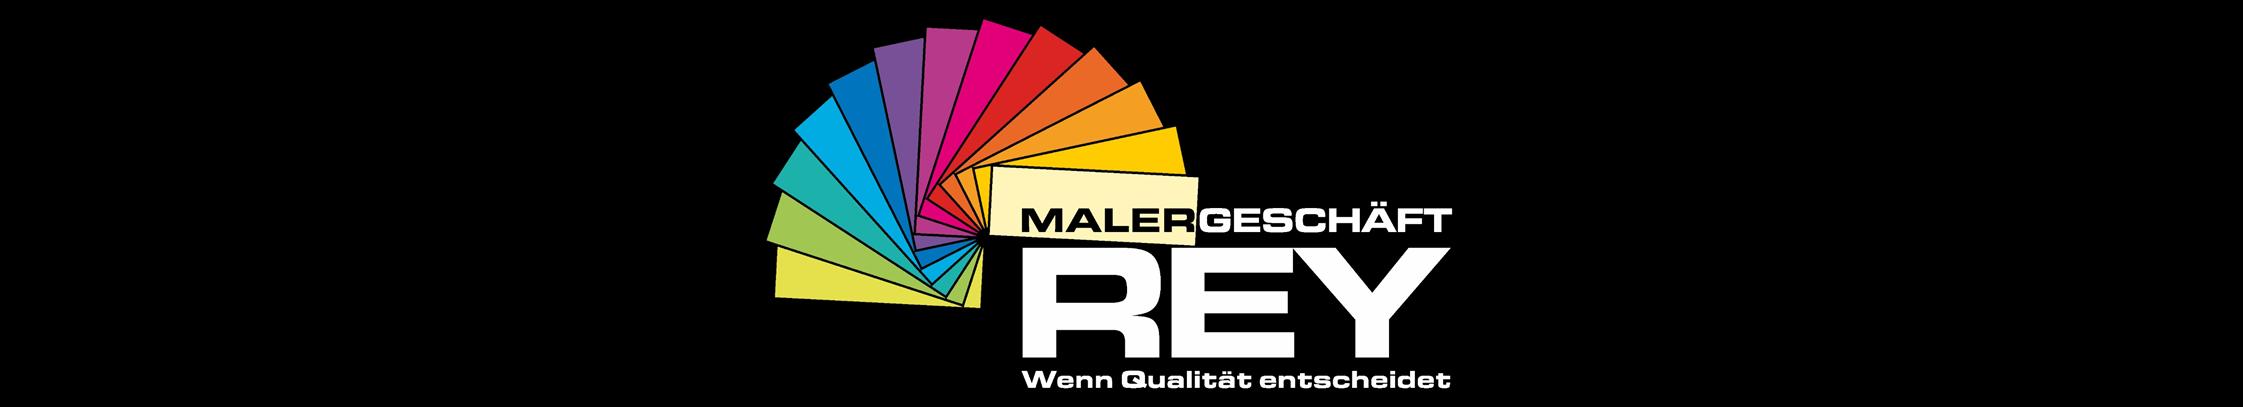 Malergeschäft Rey